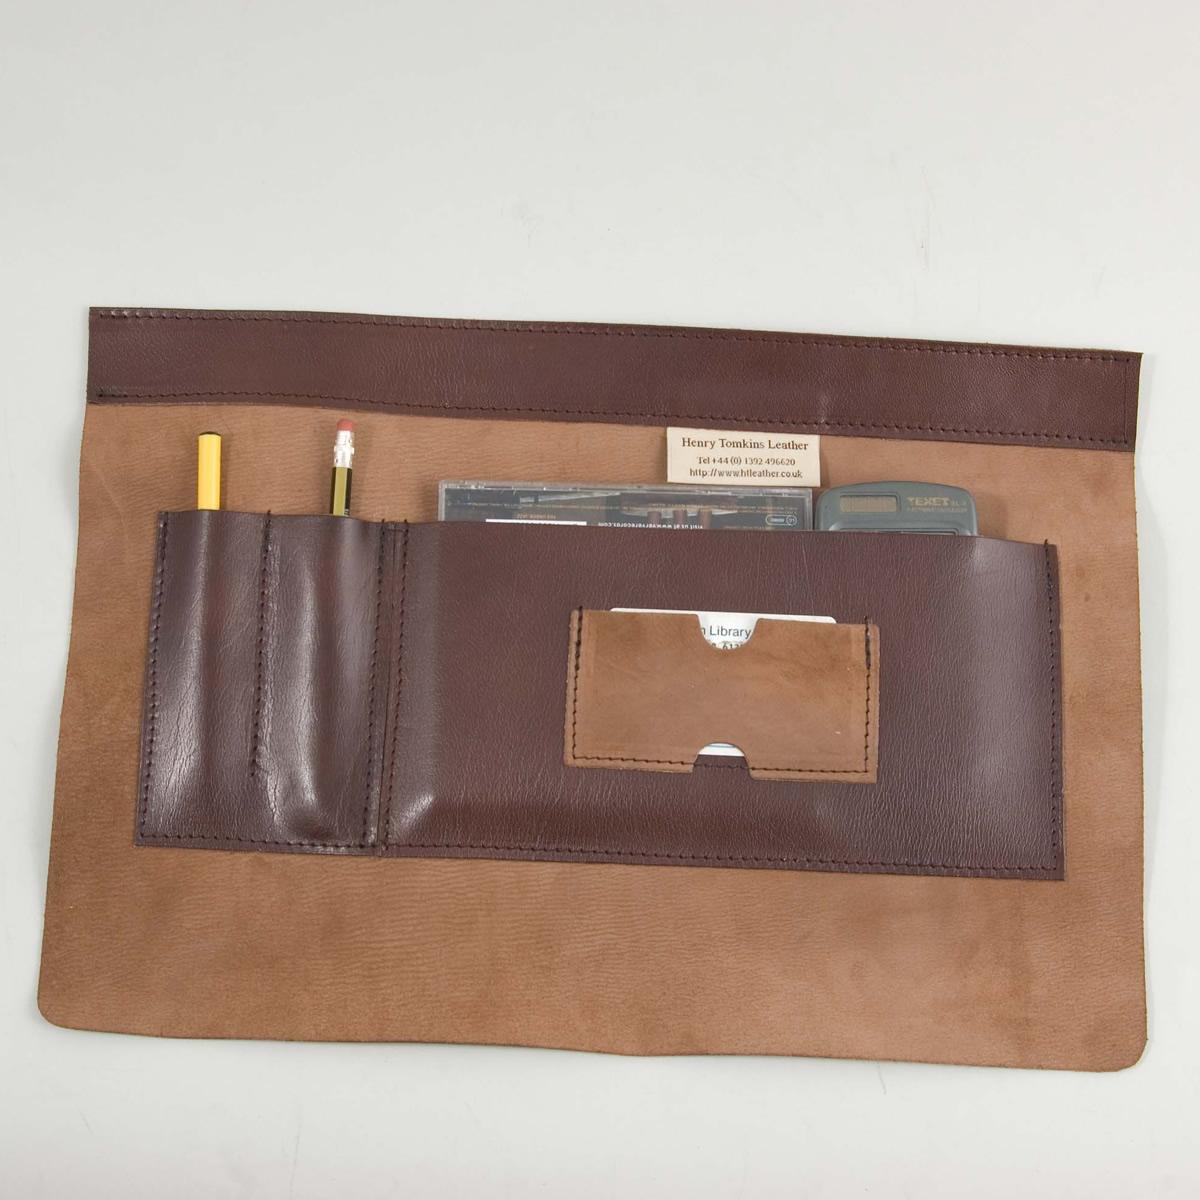 Briefcase - Inside Pocket